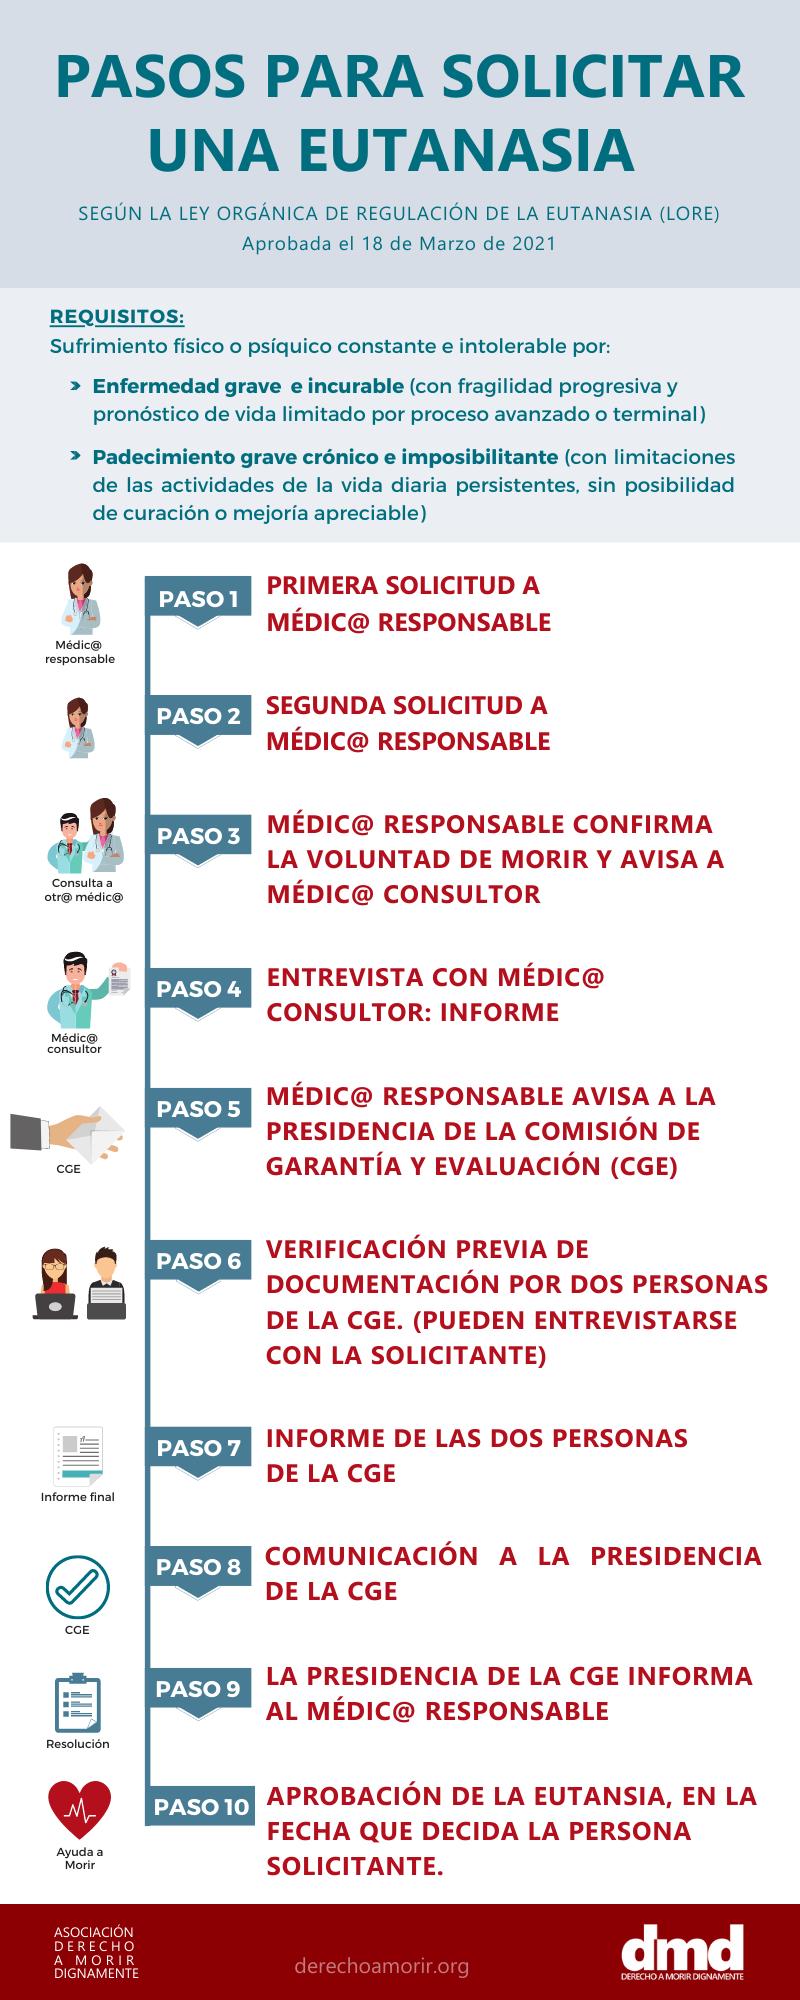 Infografía explica los pasos para solicitar una eutanasia según la ley